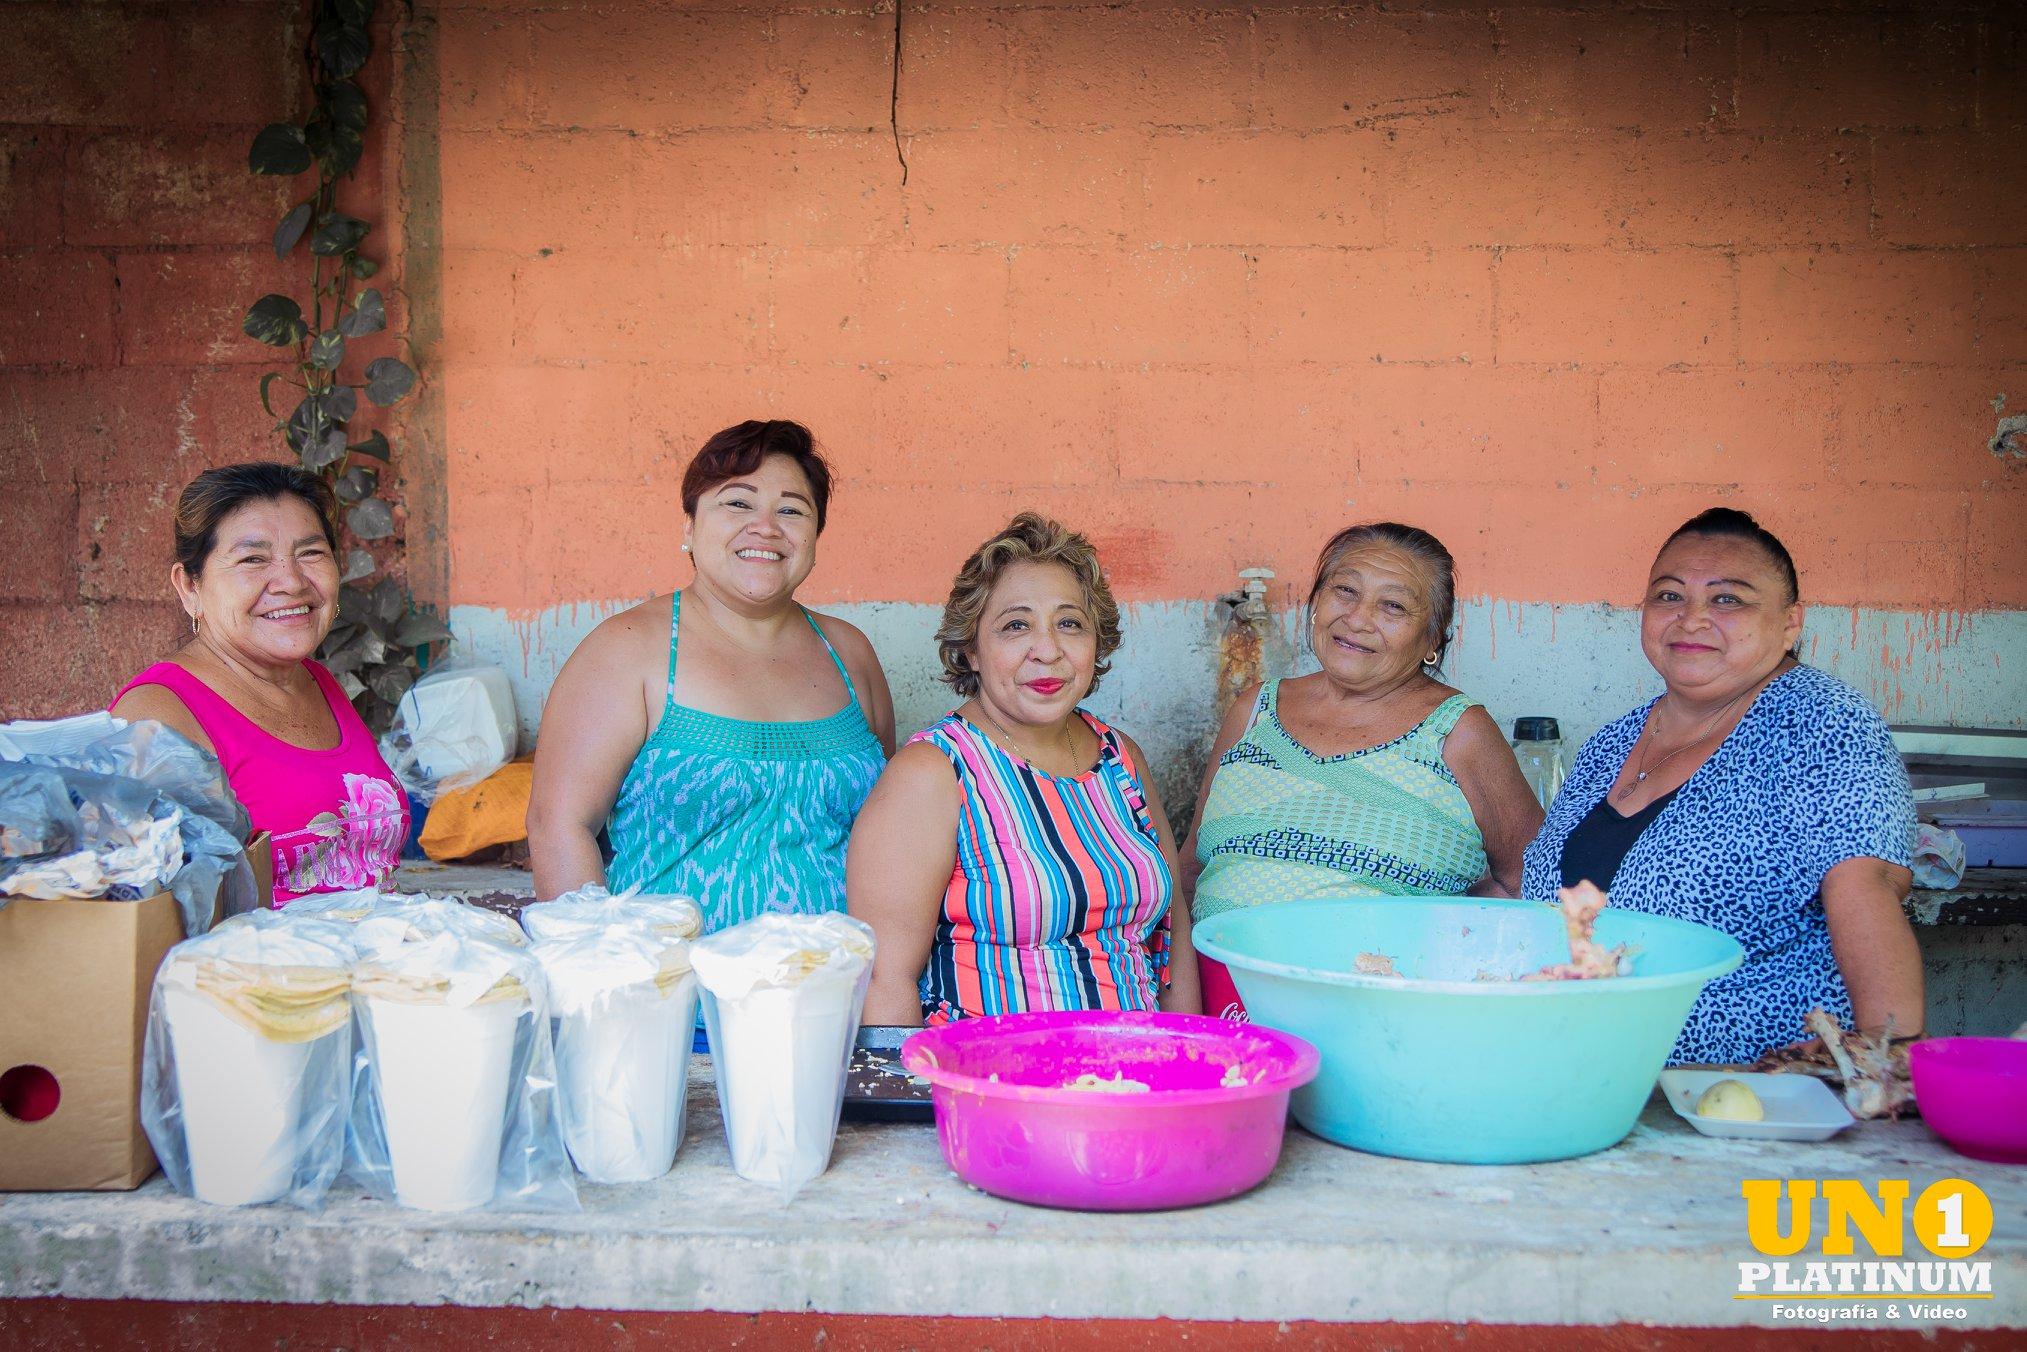 Quinceañera usa dinero de su fiesta para ayudar a personas